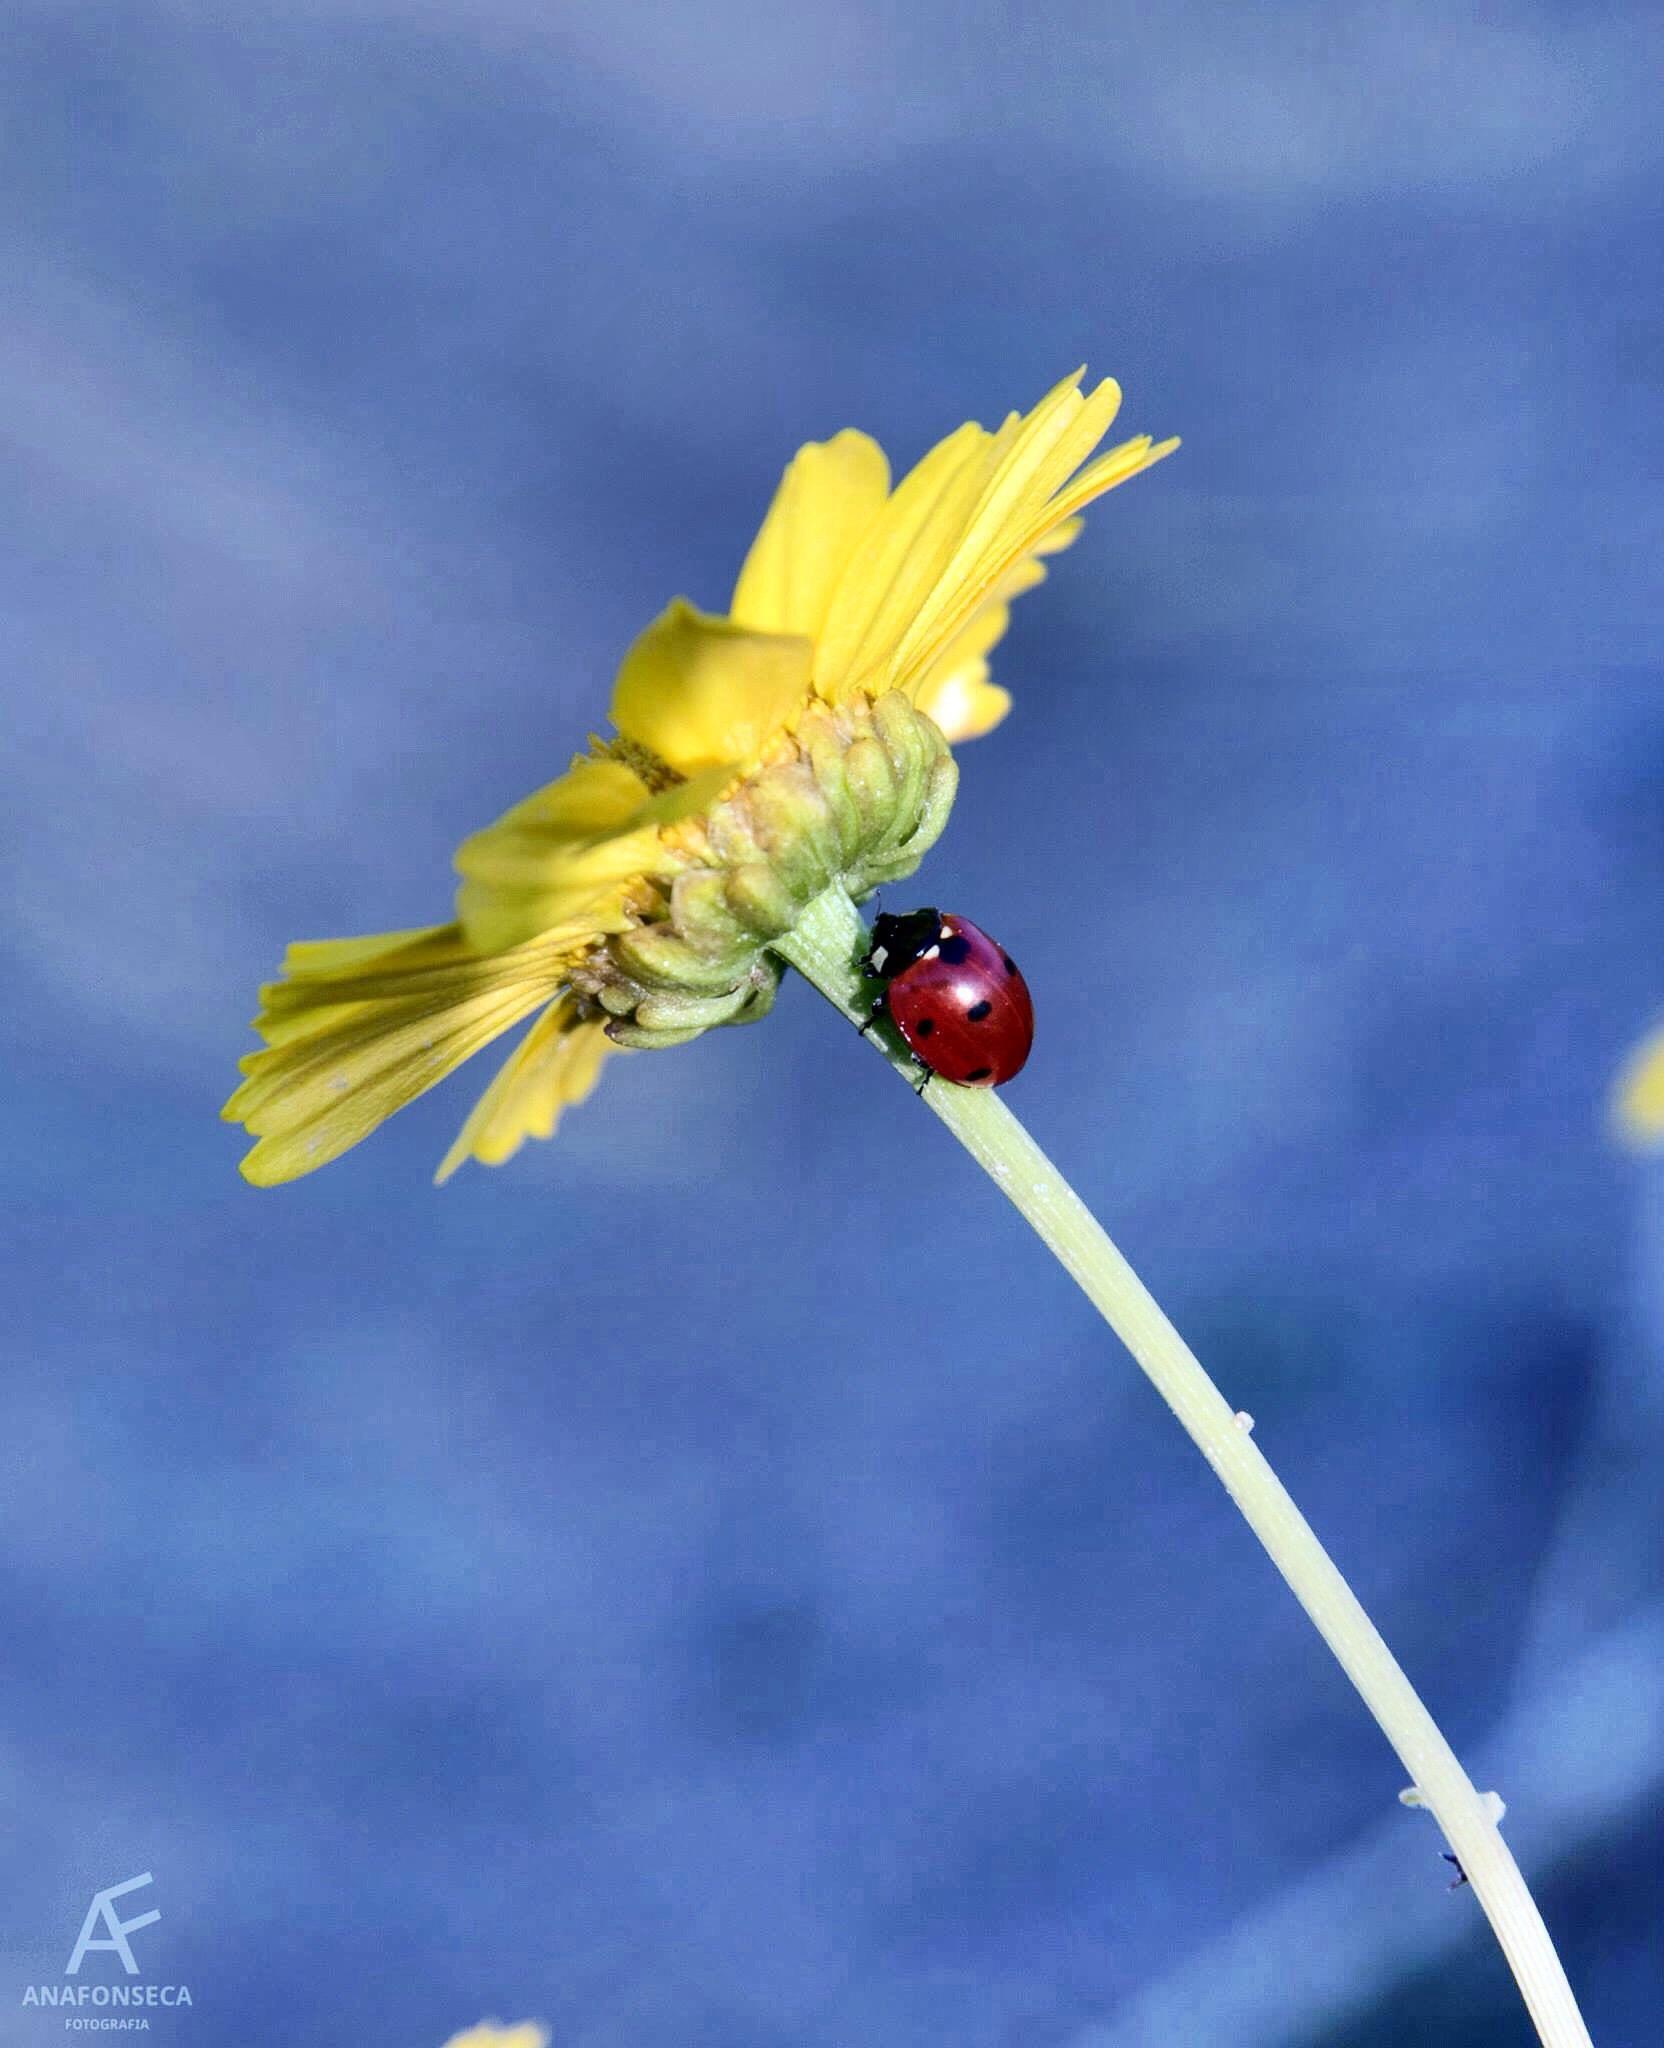 Yellow flower by Ana Paula Fonseca